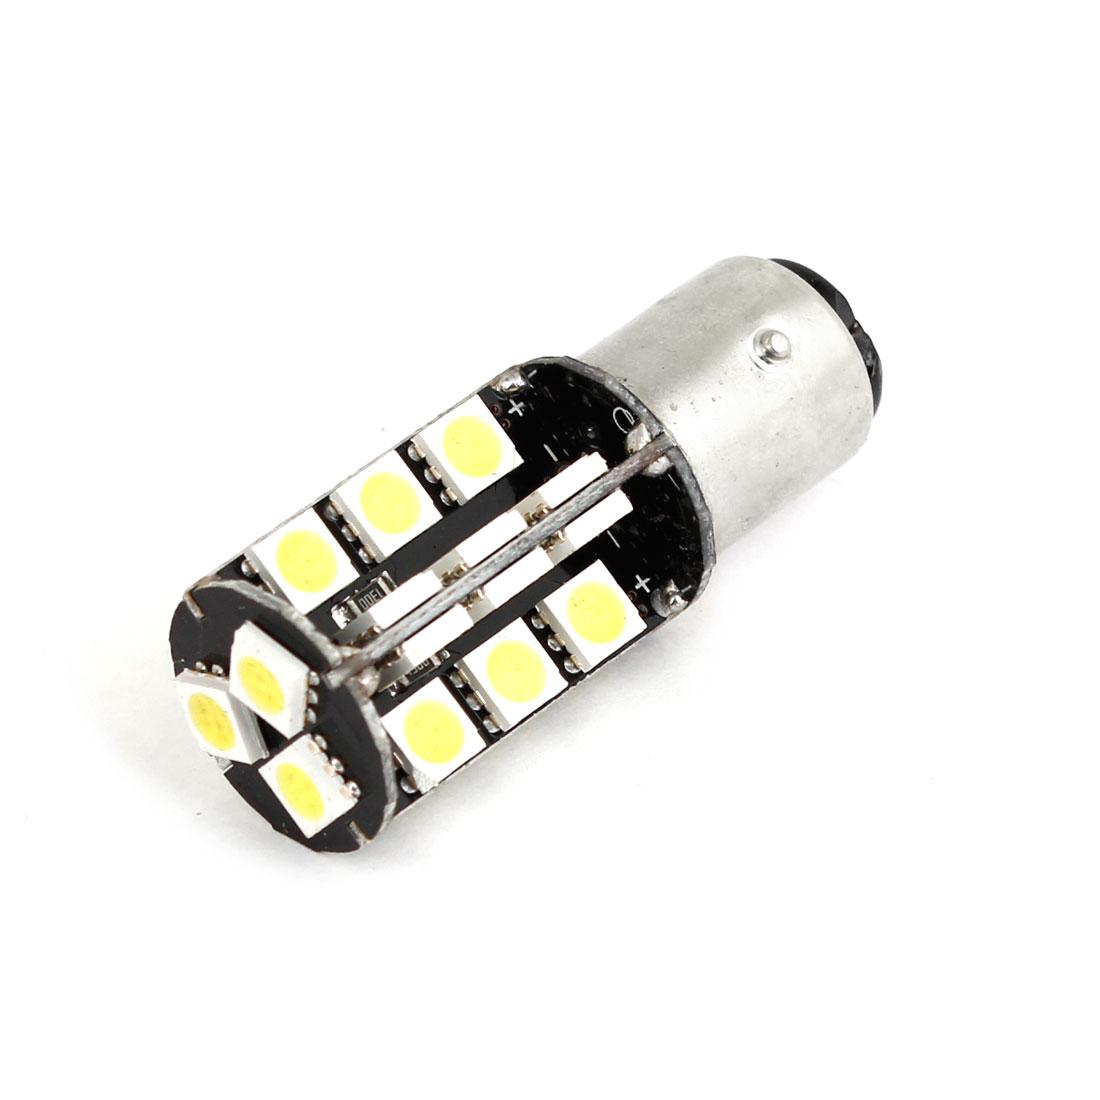 BAY15D 1157 White 27 LED 5050 Bulb Error Free Brake Light Bulb for Car